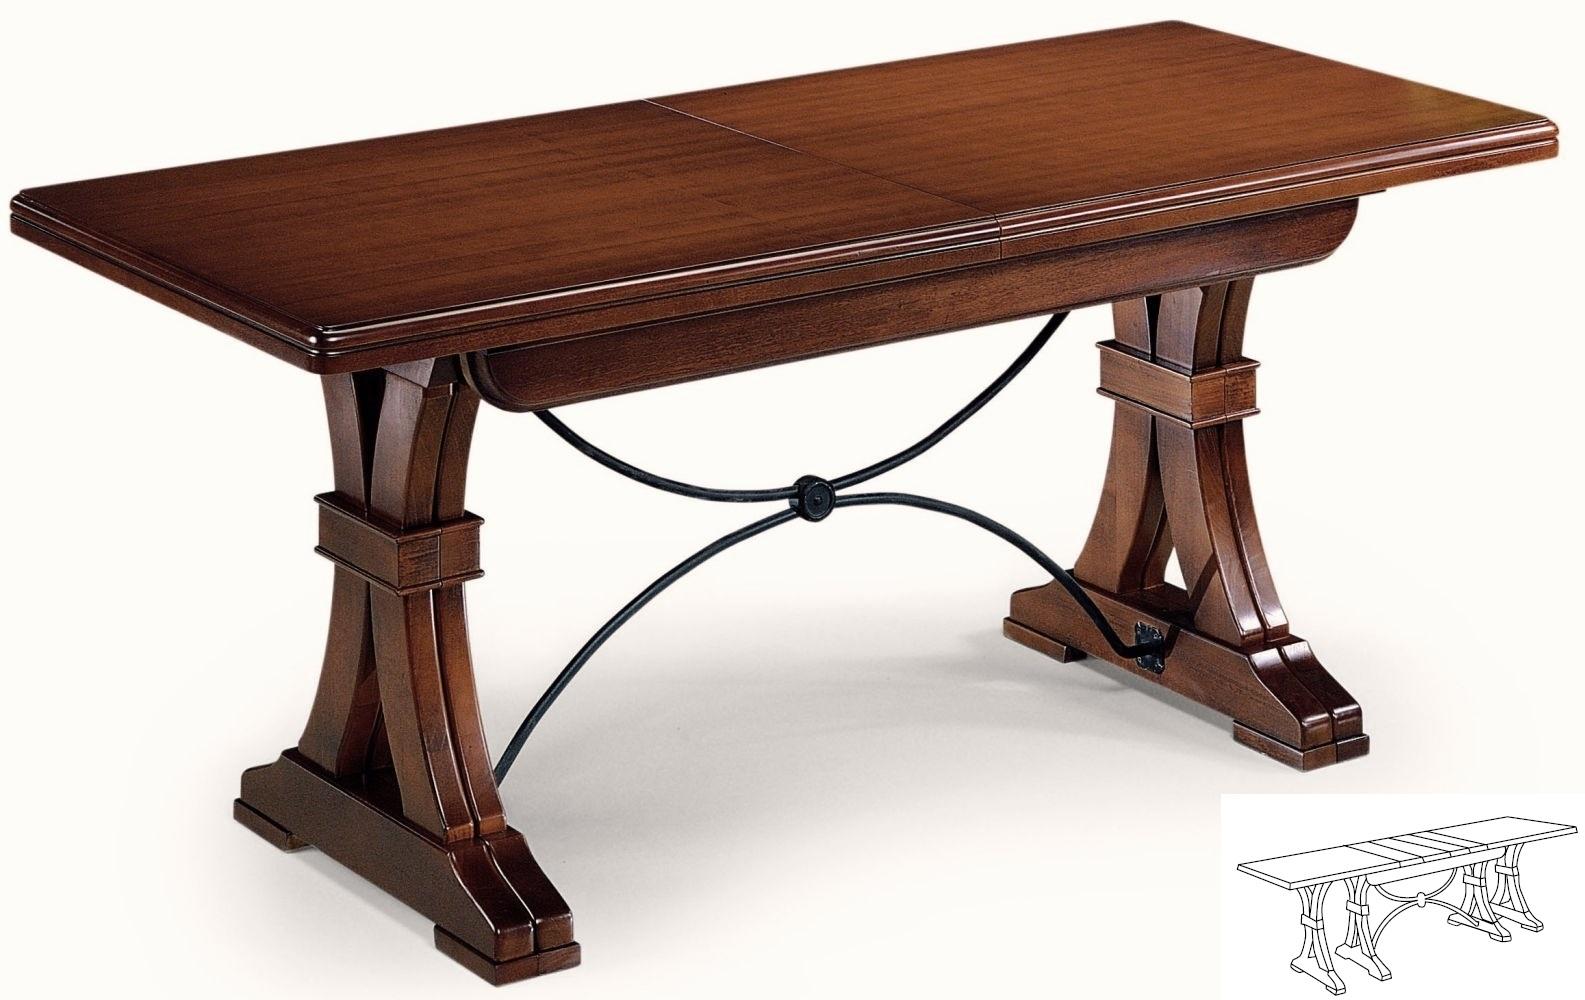 Tavoli rettangolari e quadrati : Tavolo allungabile a cm 360 ...